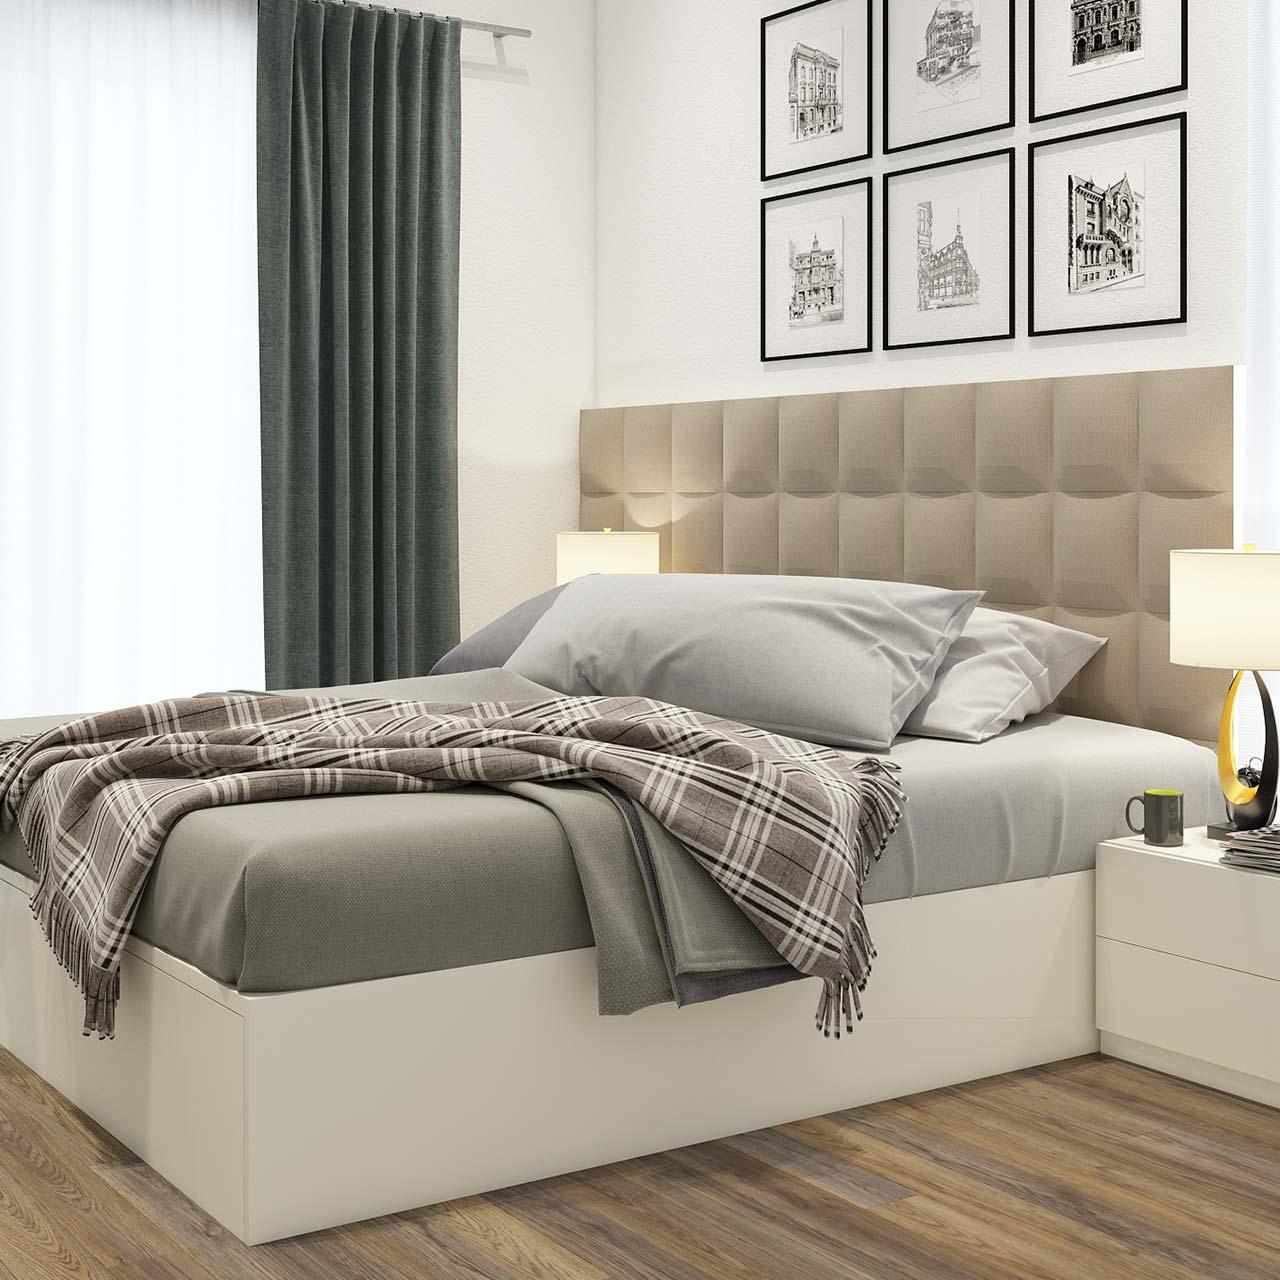 Opt for Minimalism for Master Bedroom Design